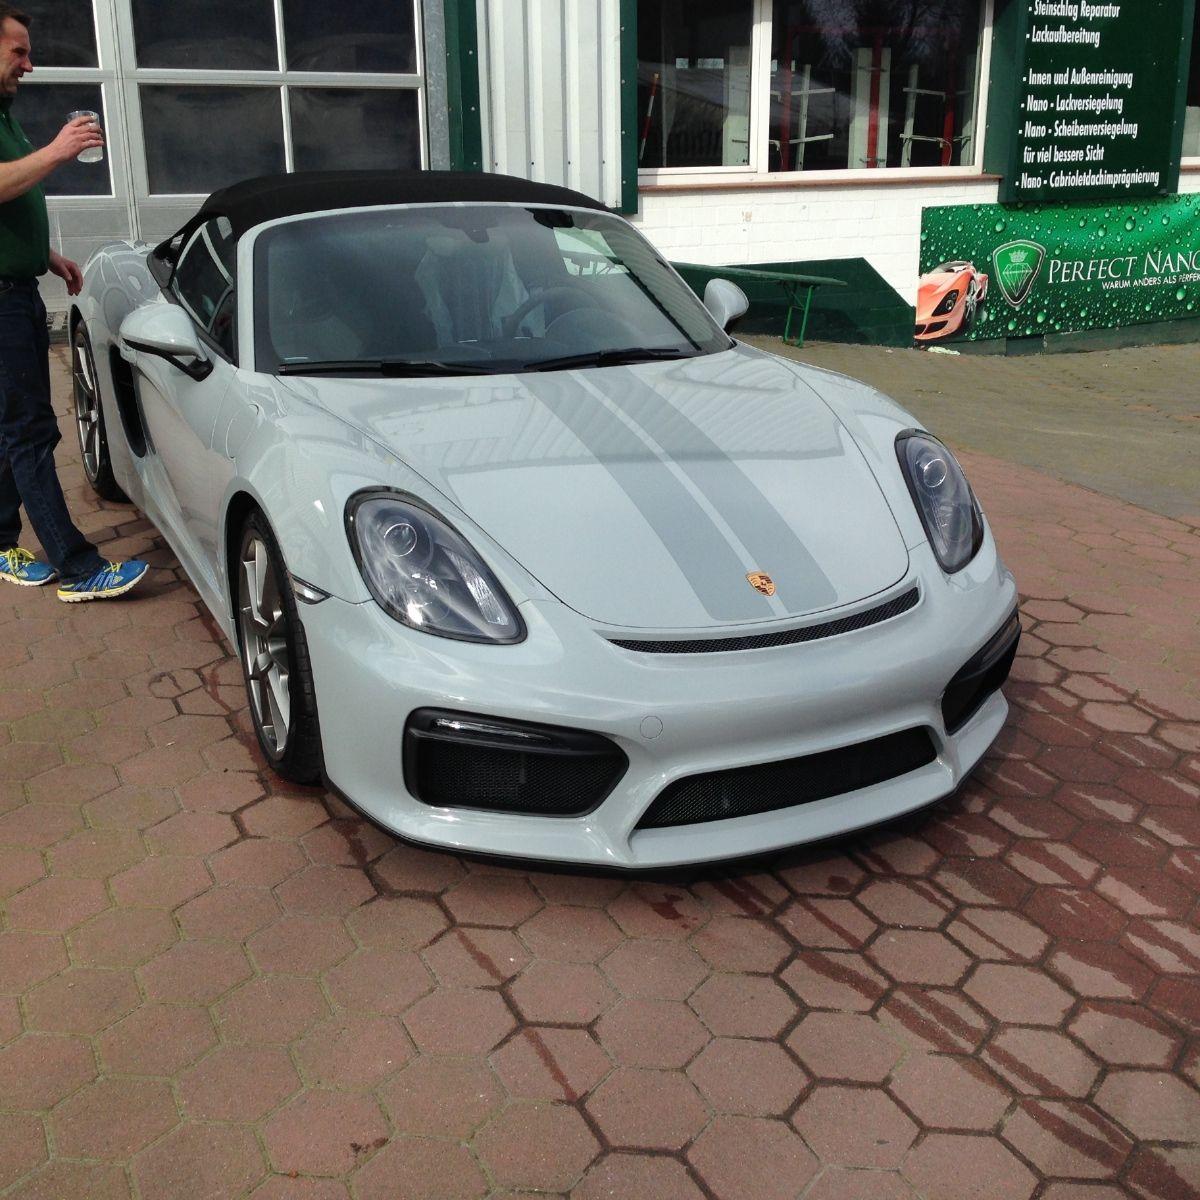 981 spyder bestellerbesitzer thread seite 1533 porsche boxster 981 pff - 2015 Porsche Boxster Silver